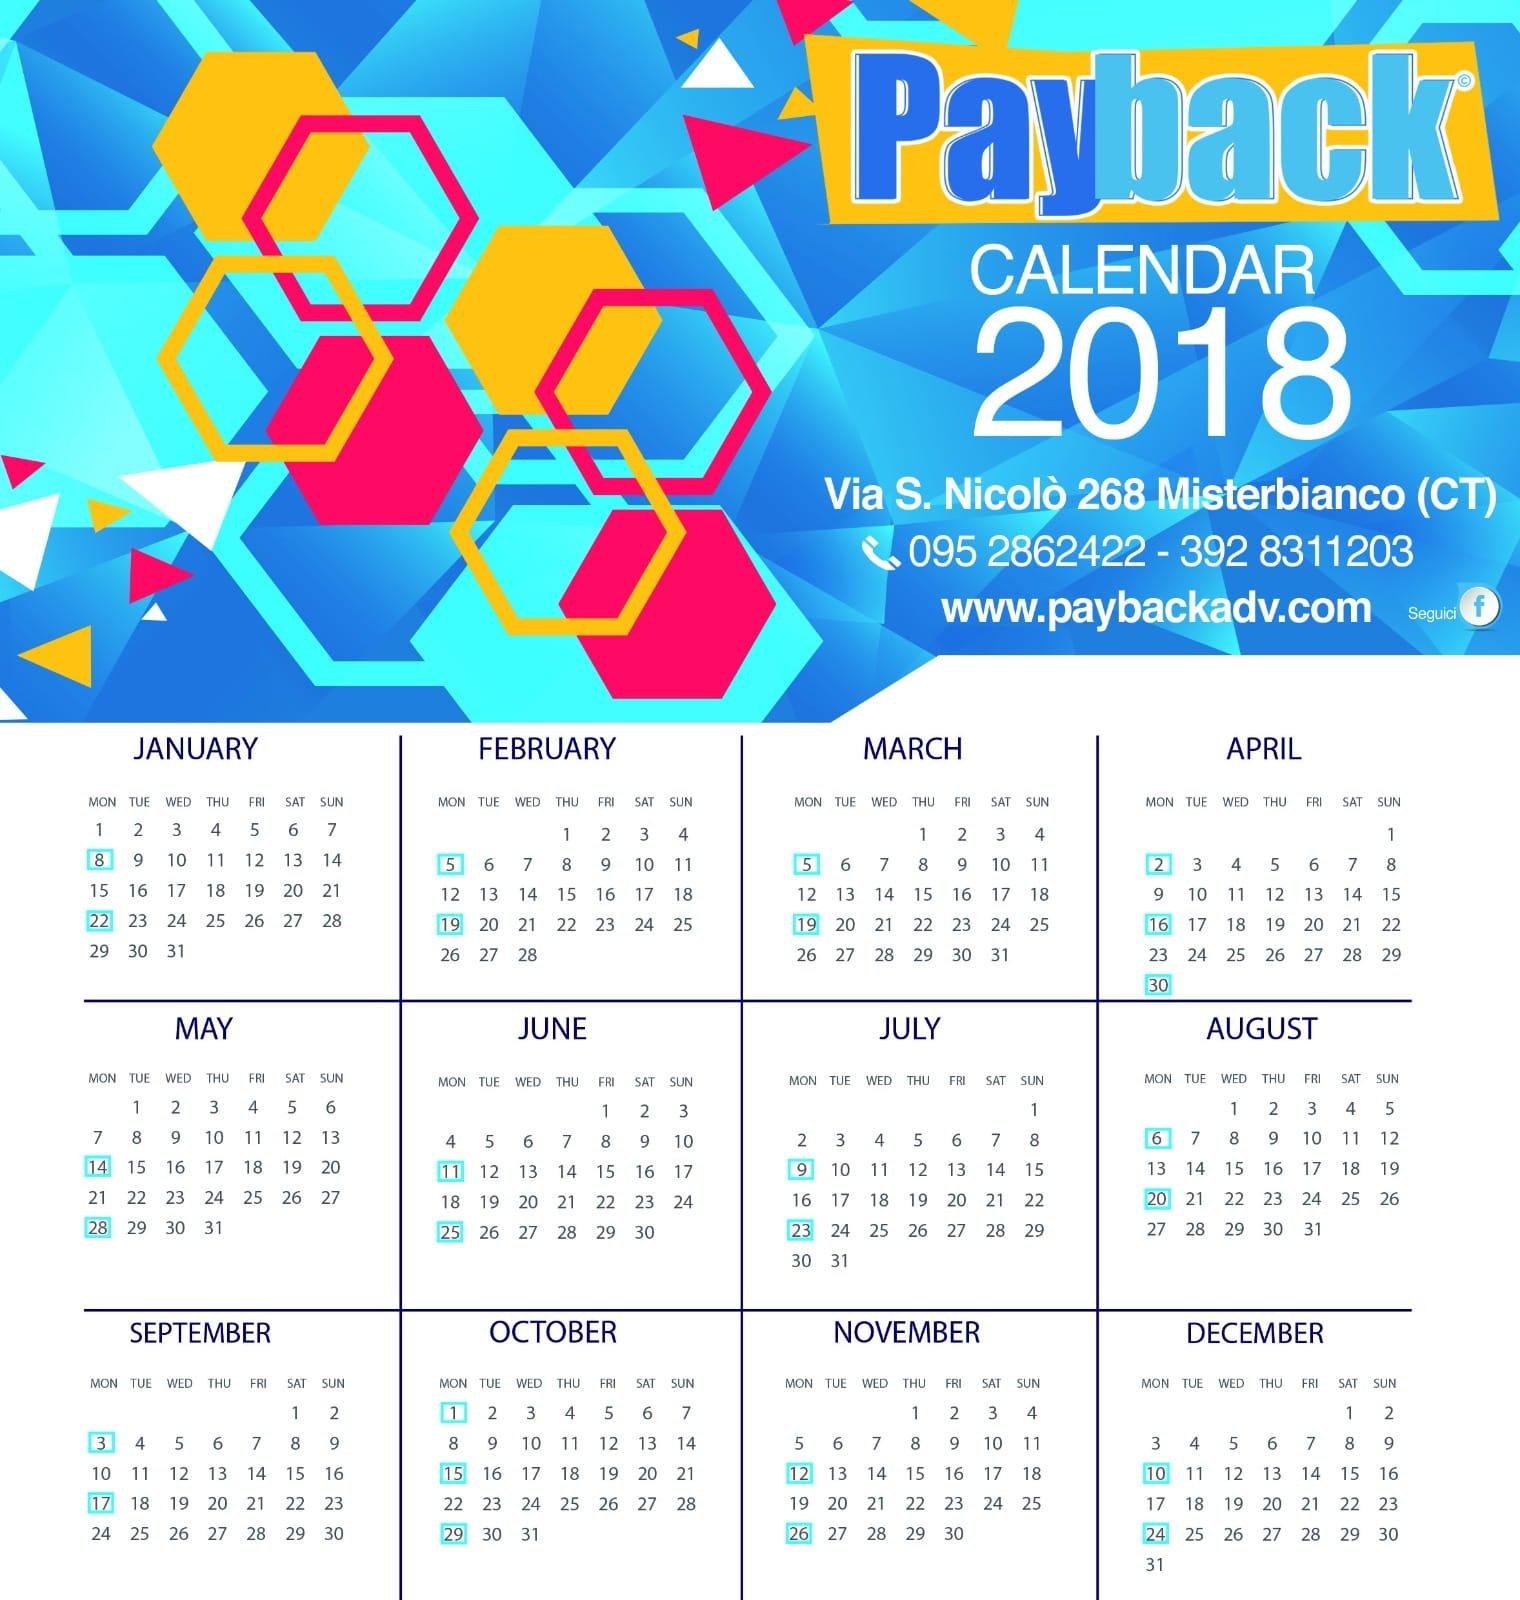 calendario cartelloni pubblicitari paybackadv 2018